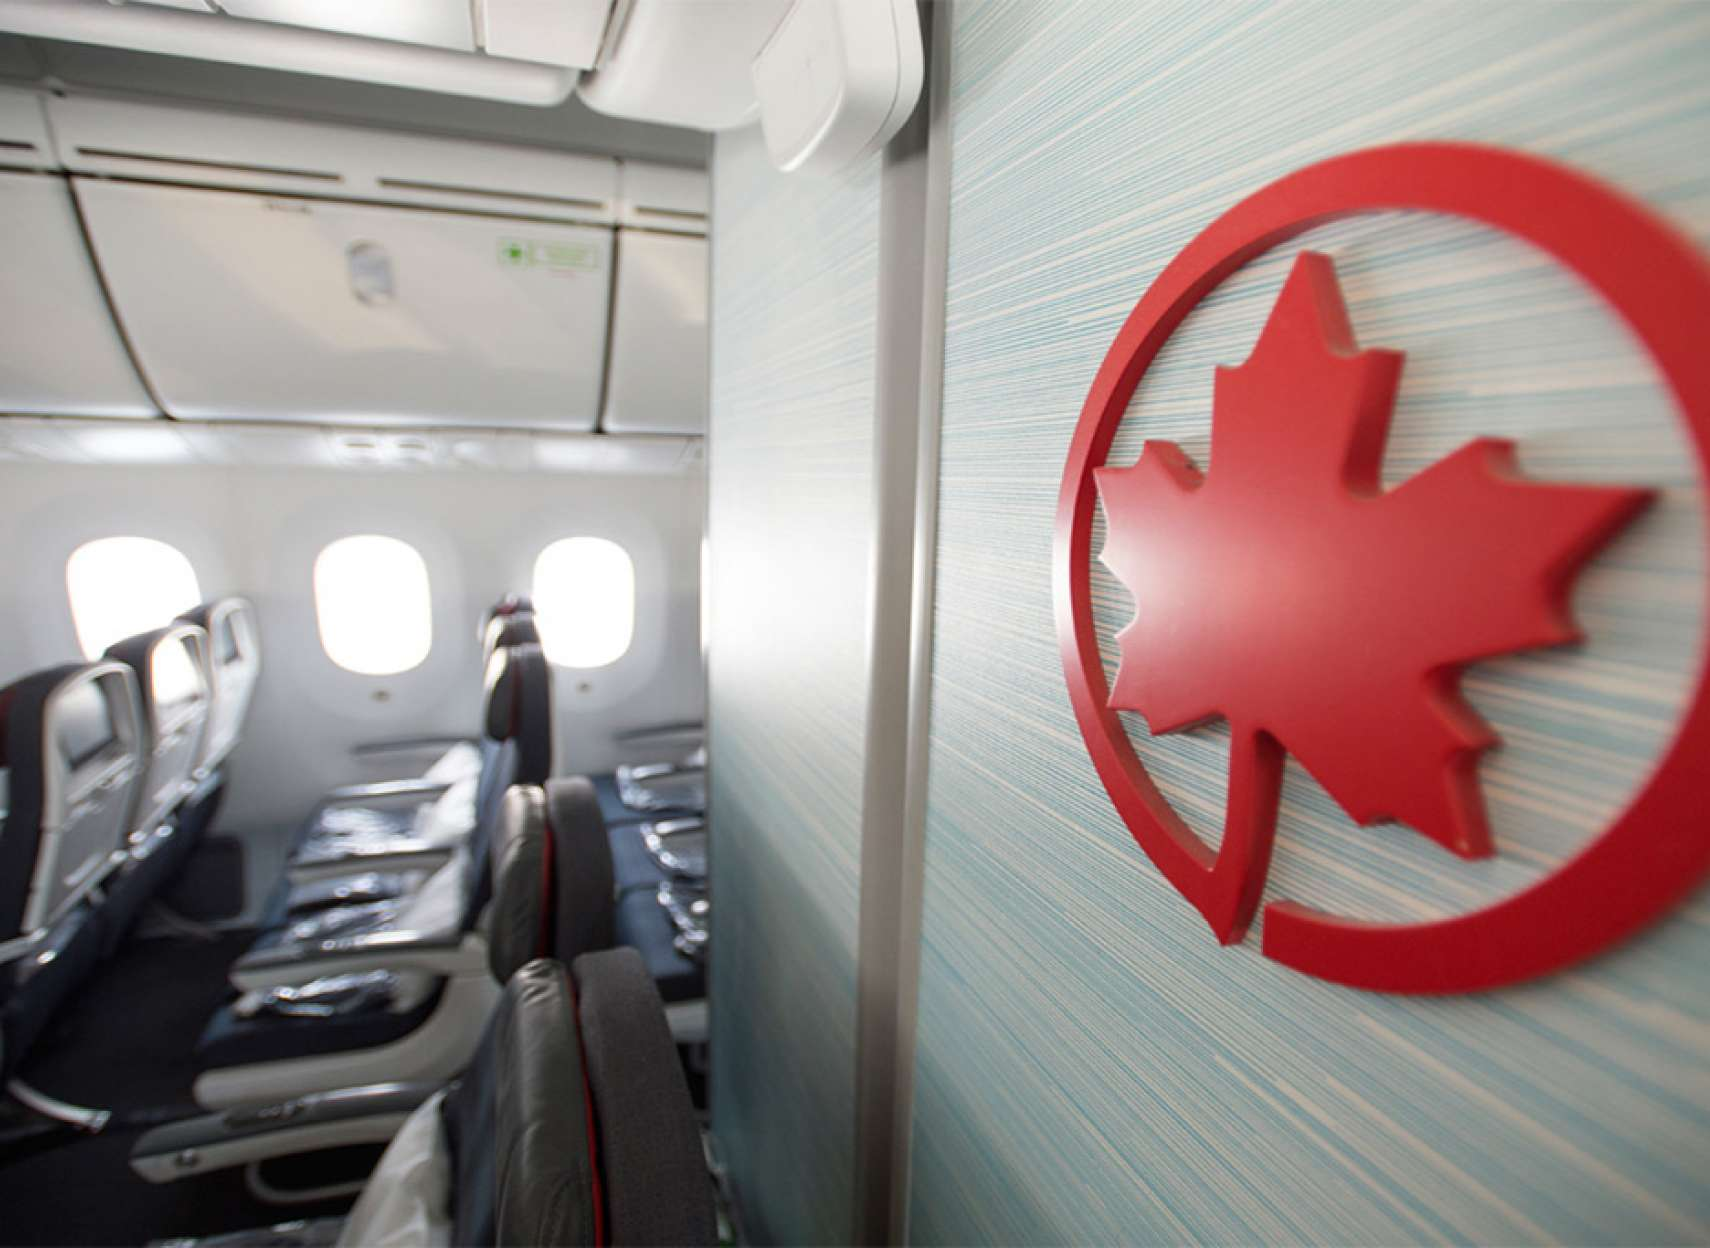 اخبار-کانادا-قانون-جدید-جریمه-خطوط-هوایی-از-دوشنبه-اجرایی-شد